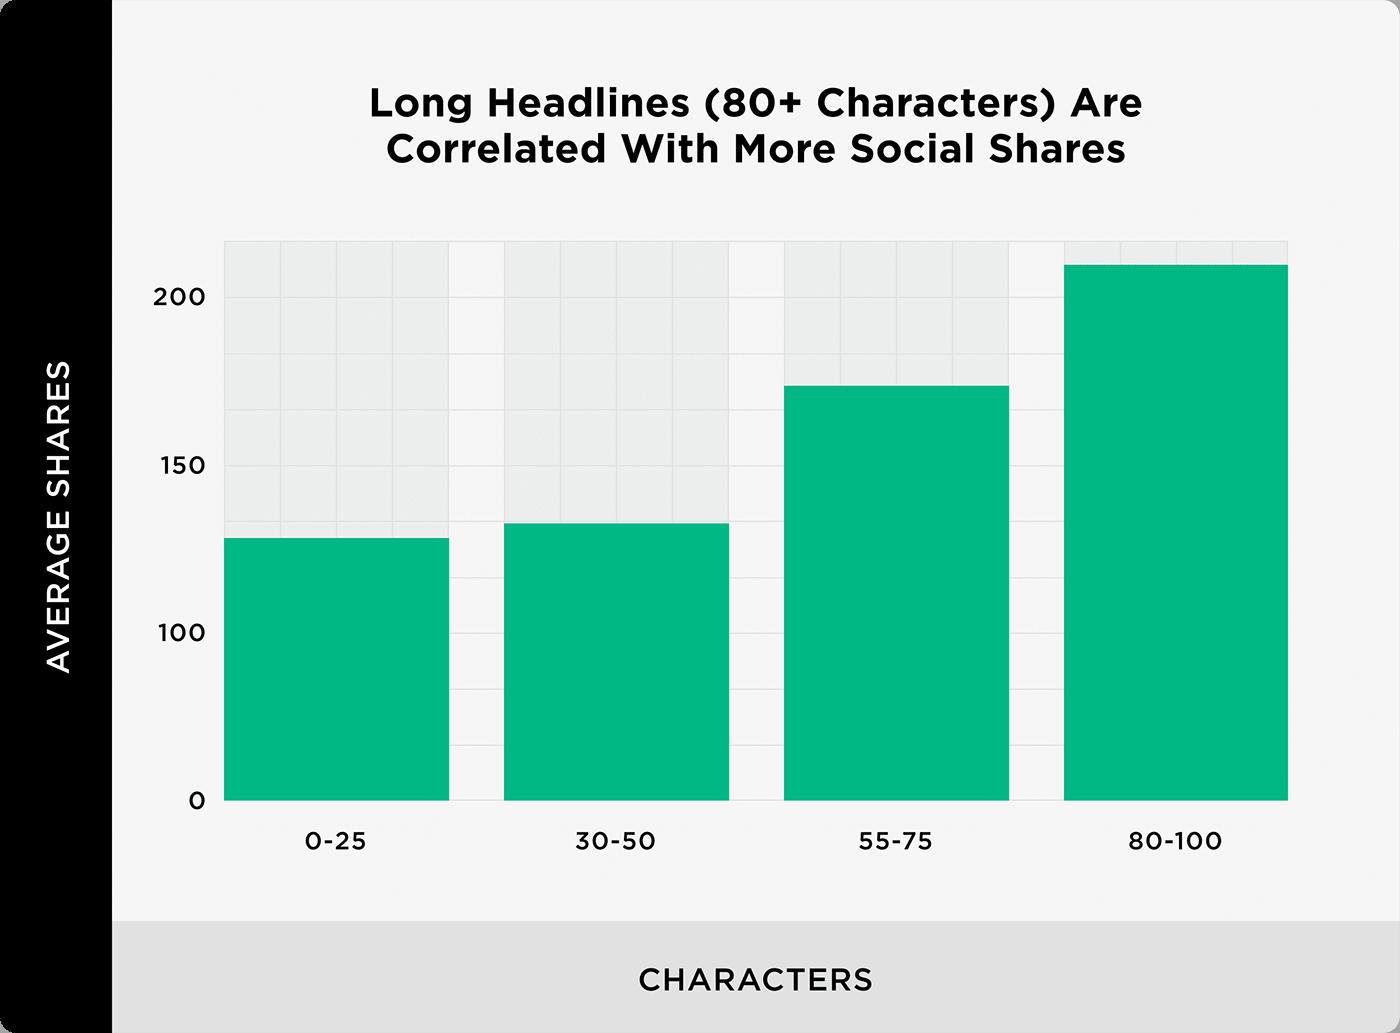 Tiêu đề dài (80 ký tự) được tương quan với nhiều chia sẻ xã hội hơn